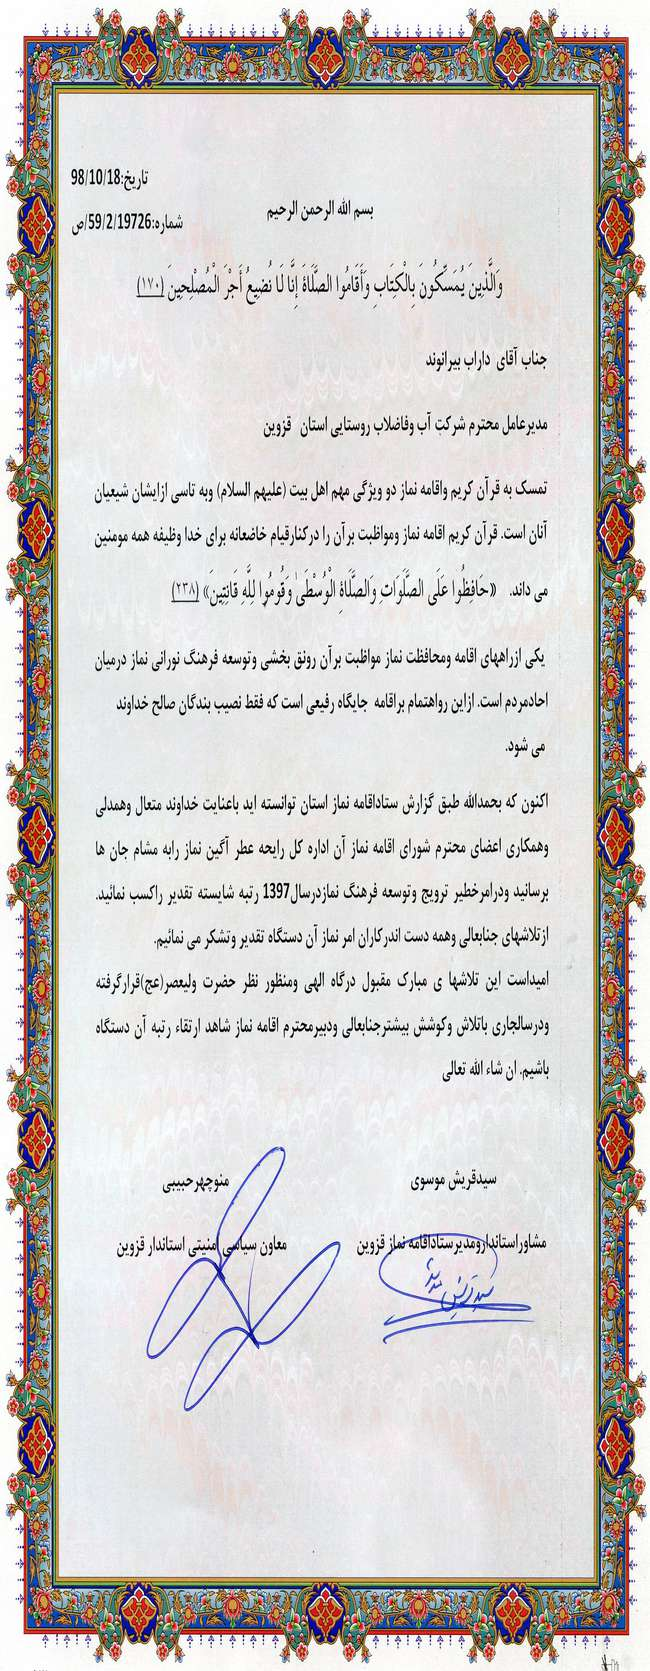 آب و فاضلاب روستايي استان قزوين در زمينه ترویج و توسعه نماز شایسته تقدير شد